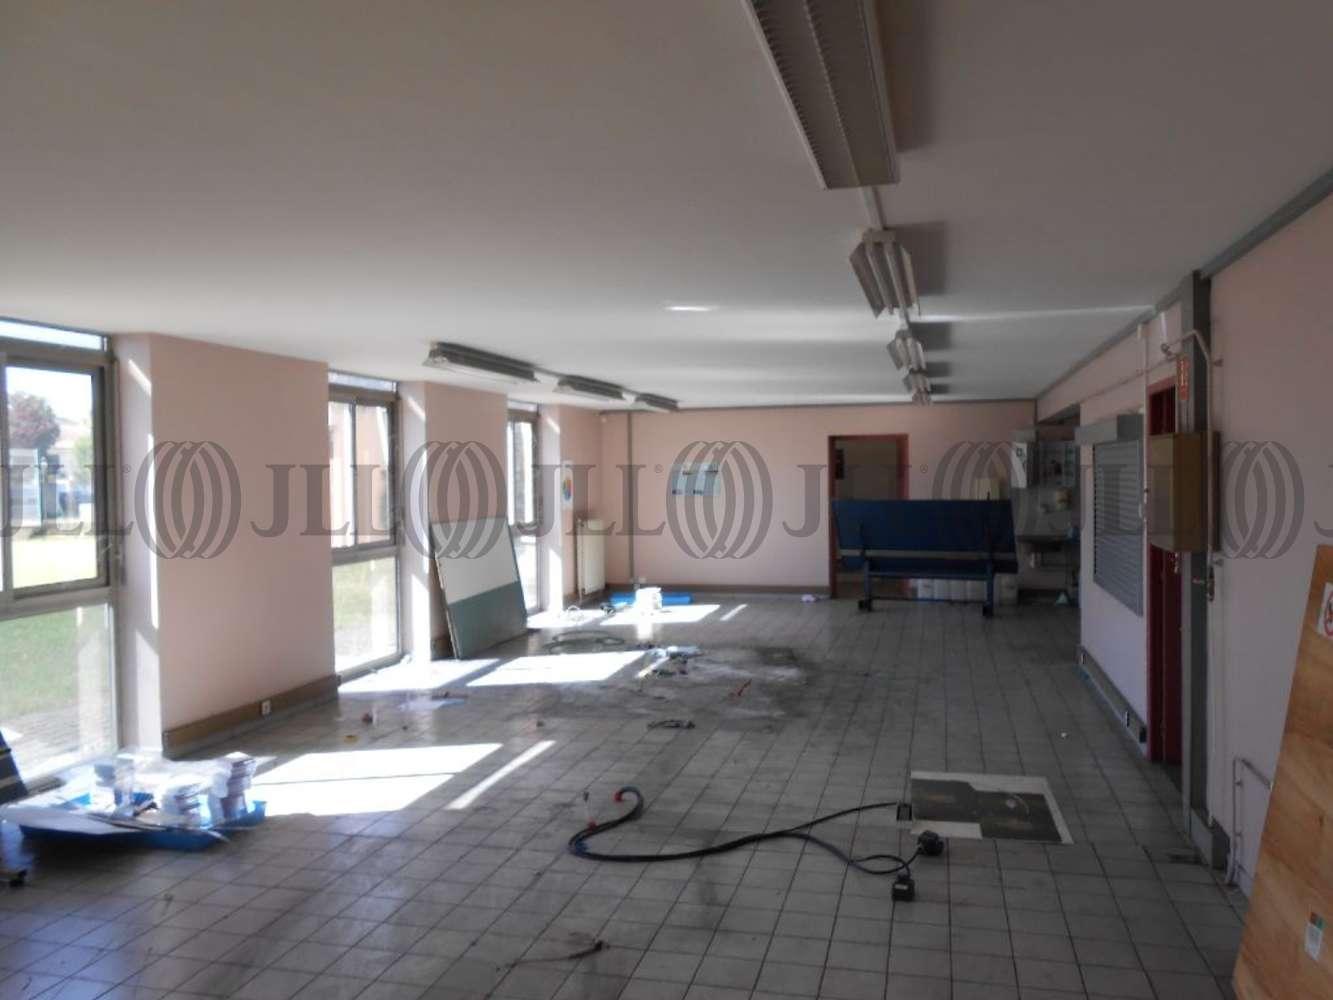 Activités/entrepôt Charvieu chavagneux, 38230 - ENTREPOT A VENDRE LYON - NORD-ISÈRE - 9591000